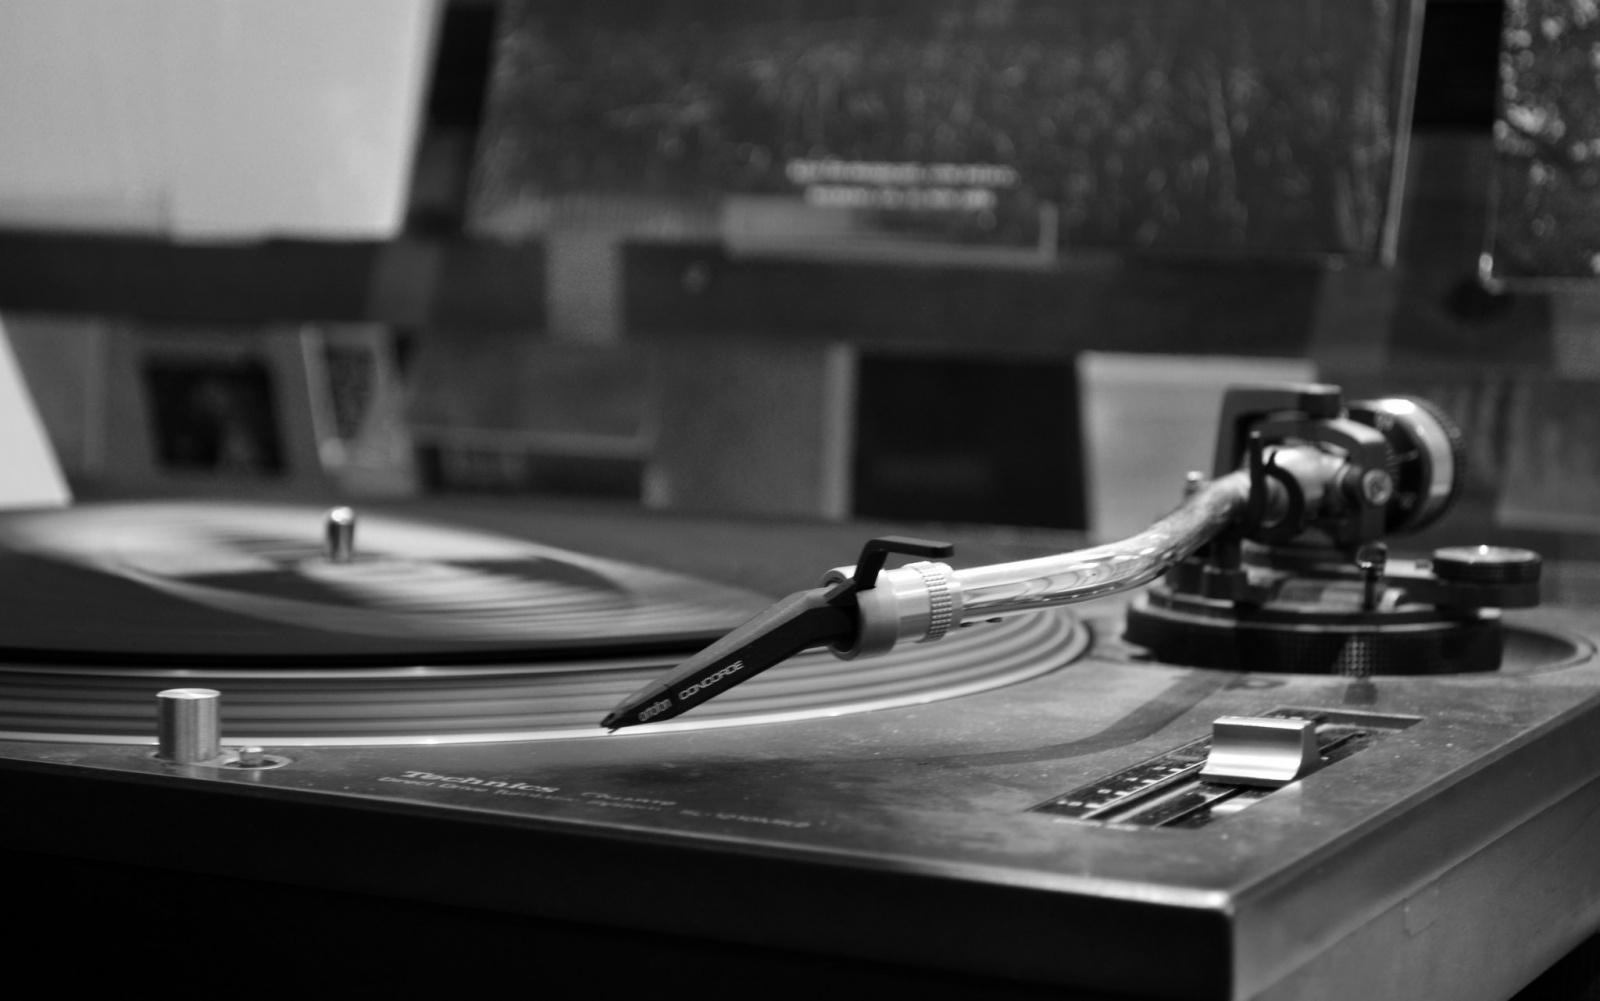 Чтение на выходные: 10 материалов о виниле — от производства до домашнего прослушивания и ухода - 2